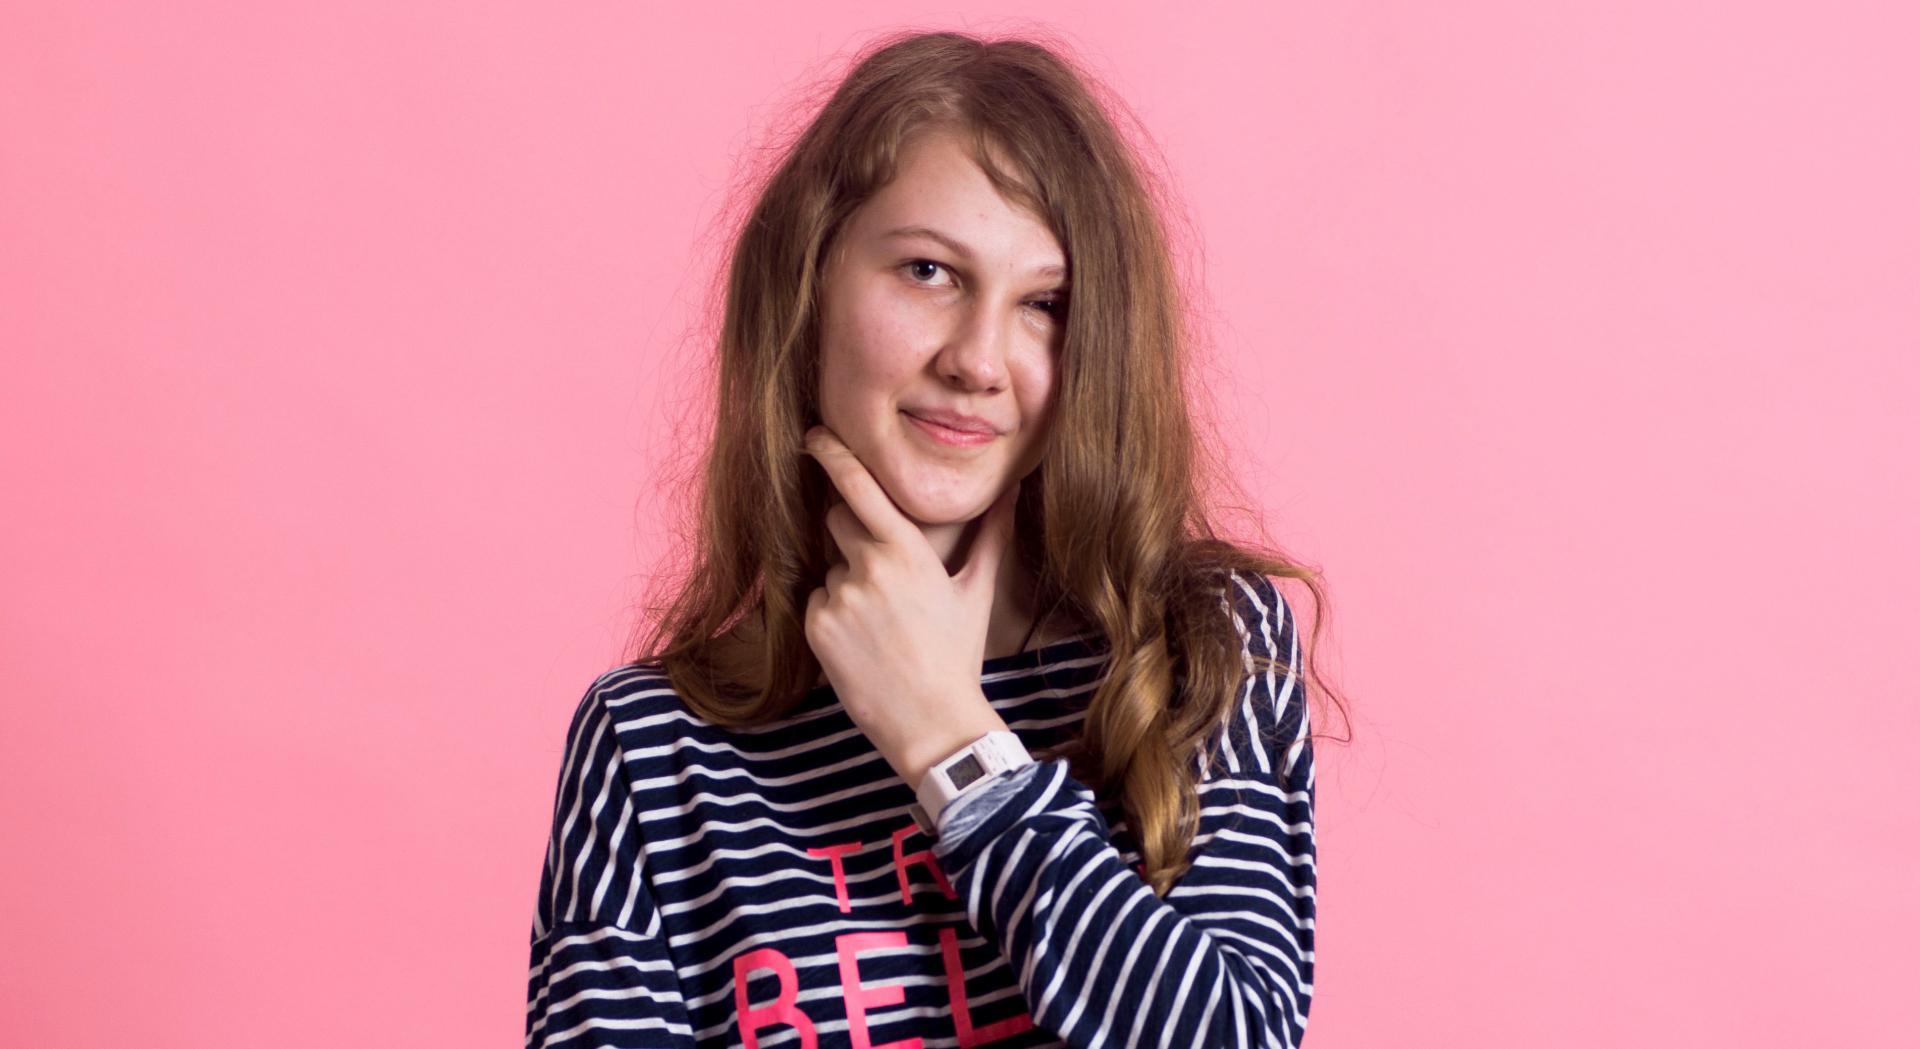 Маша Давидовская закончила лечение. Семья Марии благодарит всех, кто откликнулся на историю девушки